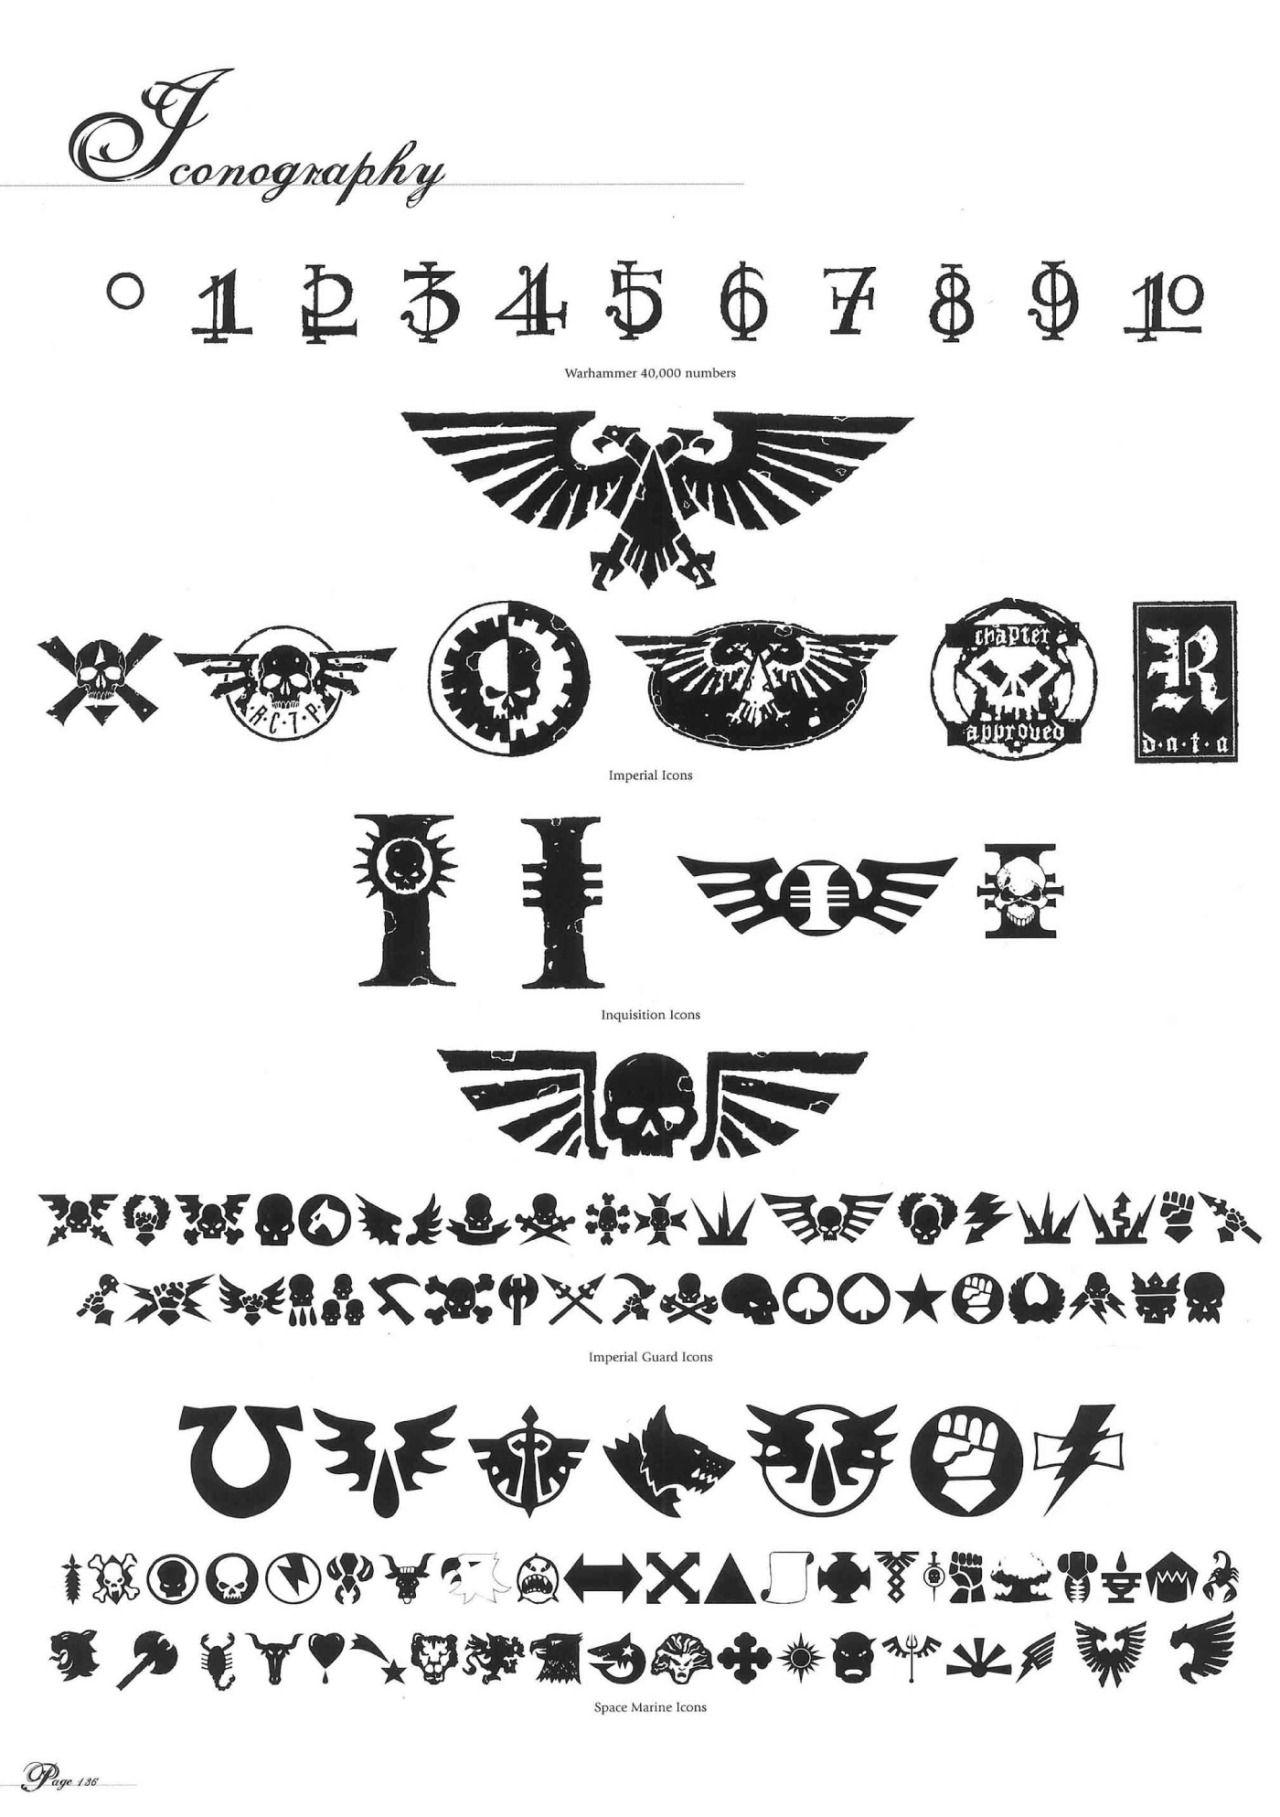 Warhammer 40k Database Warhammer Warhammer 40k Warhammer 40000 [ 1817 x 1280 Pixel ]